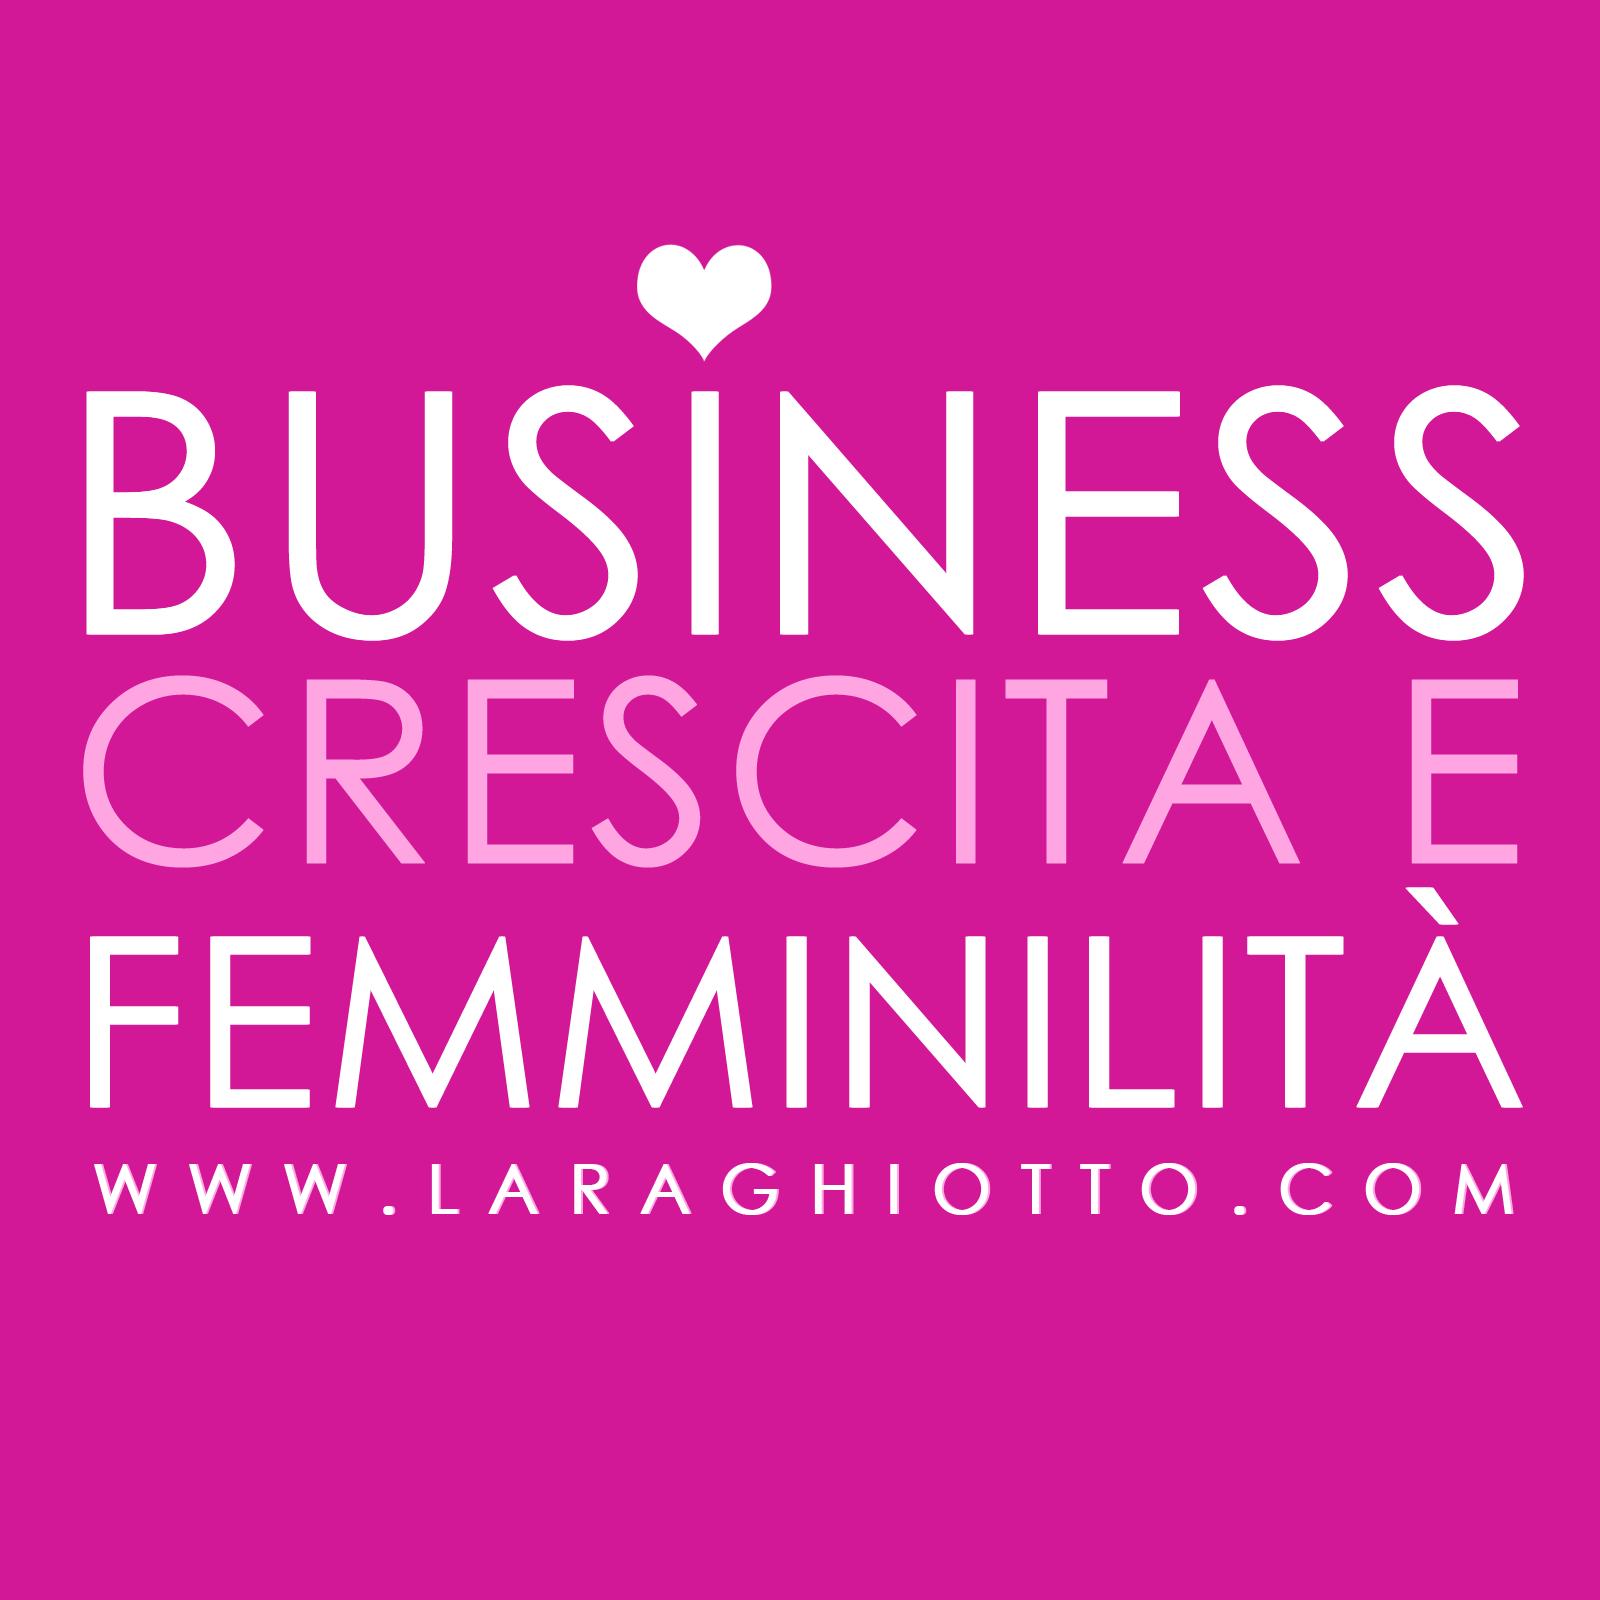 Business Crescita e Femminilità